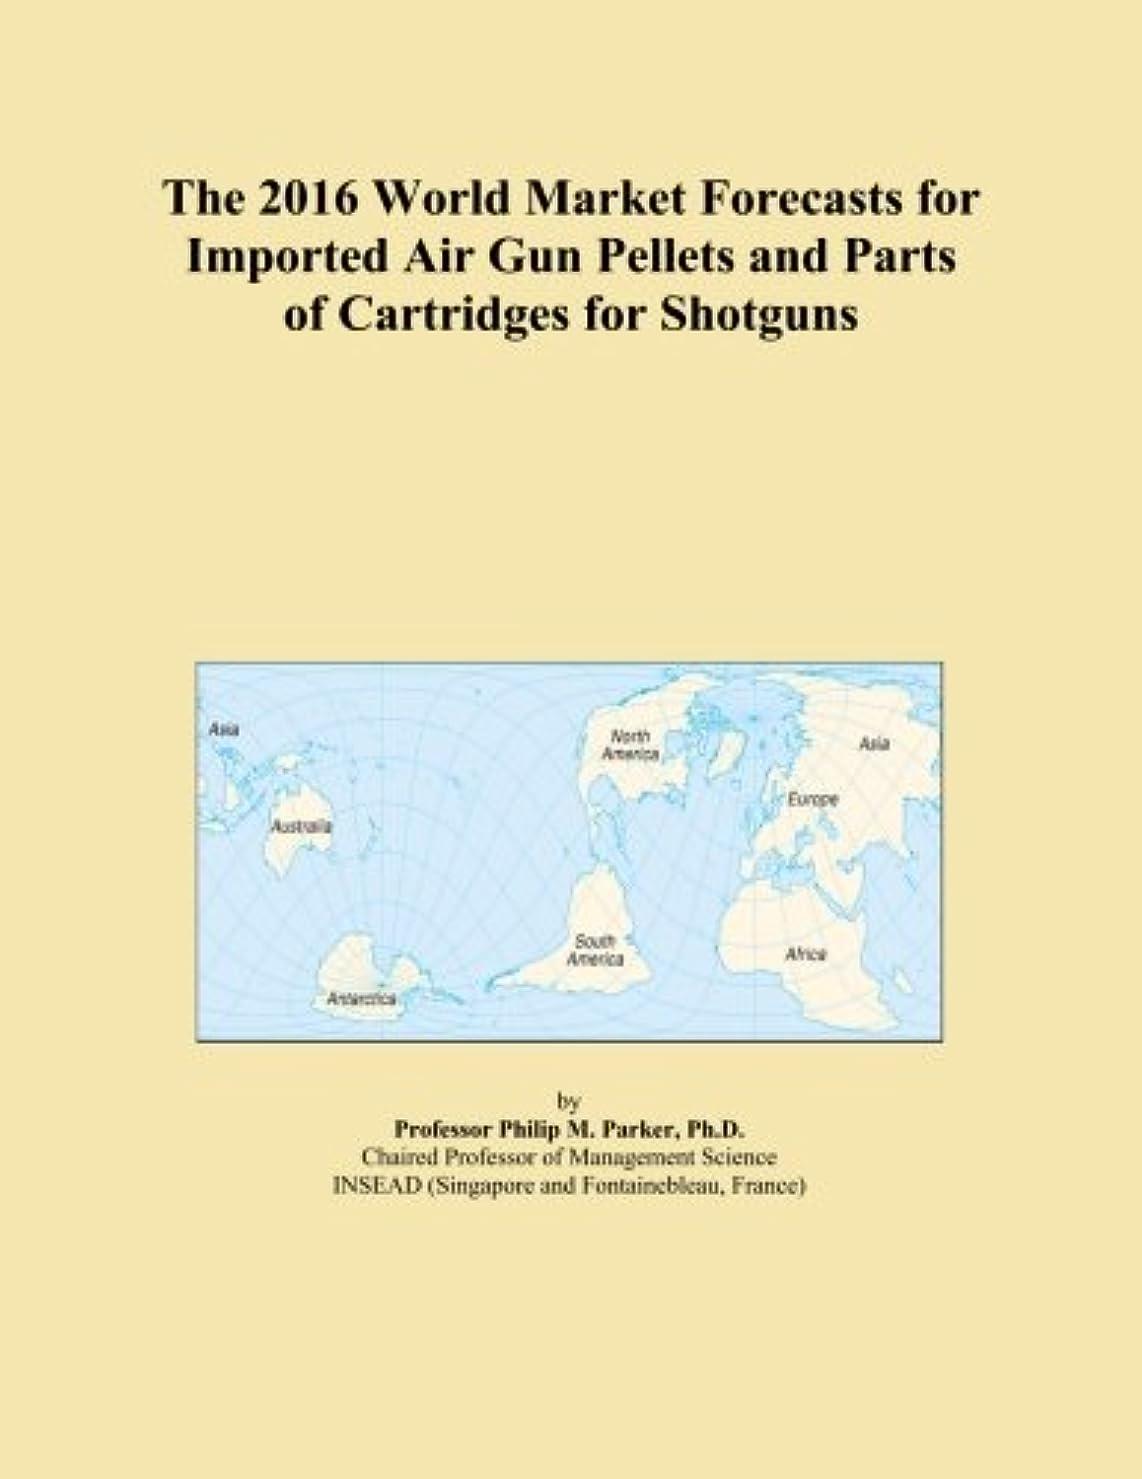 羊飼い反対するドライバThe 2016 World Market Forecasts for Imported Air Gun Pellets and Parts of Cartridges for Shotguns